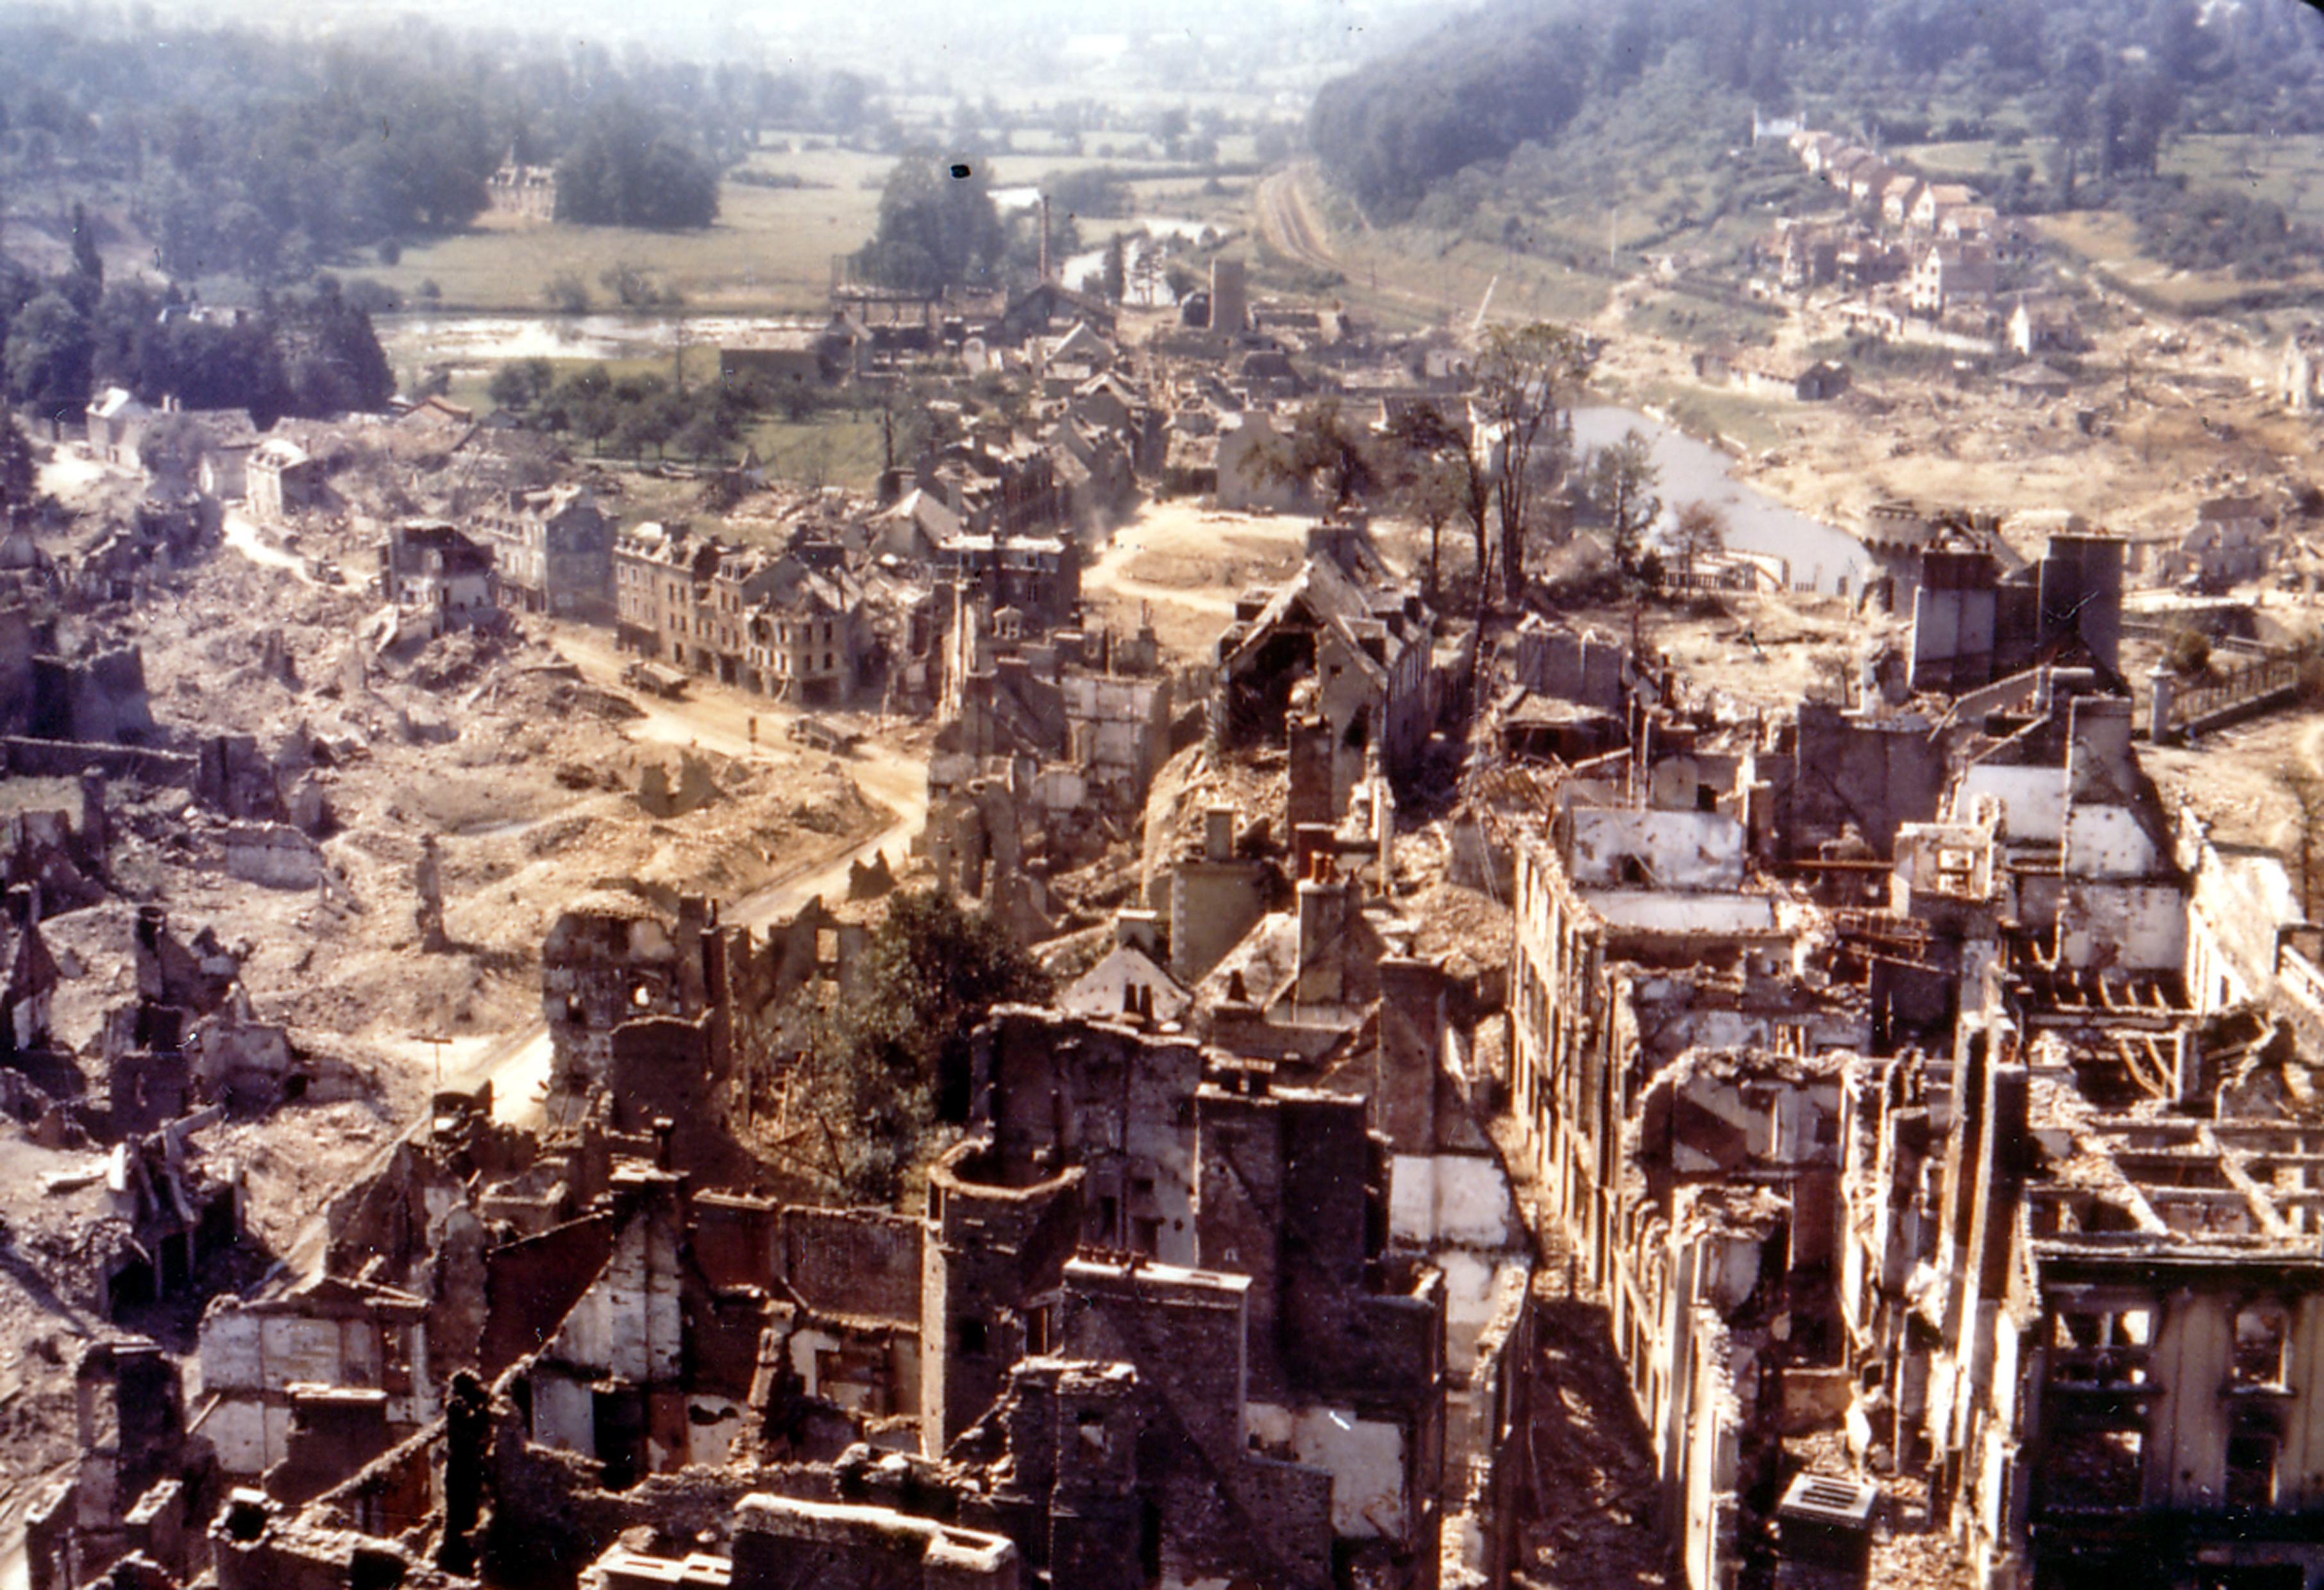 Saint-Lô ligt er vandaag hopelijk beter bij (Foto: WikiCommons)